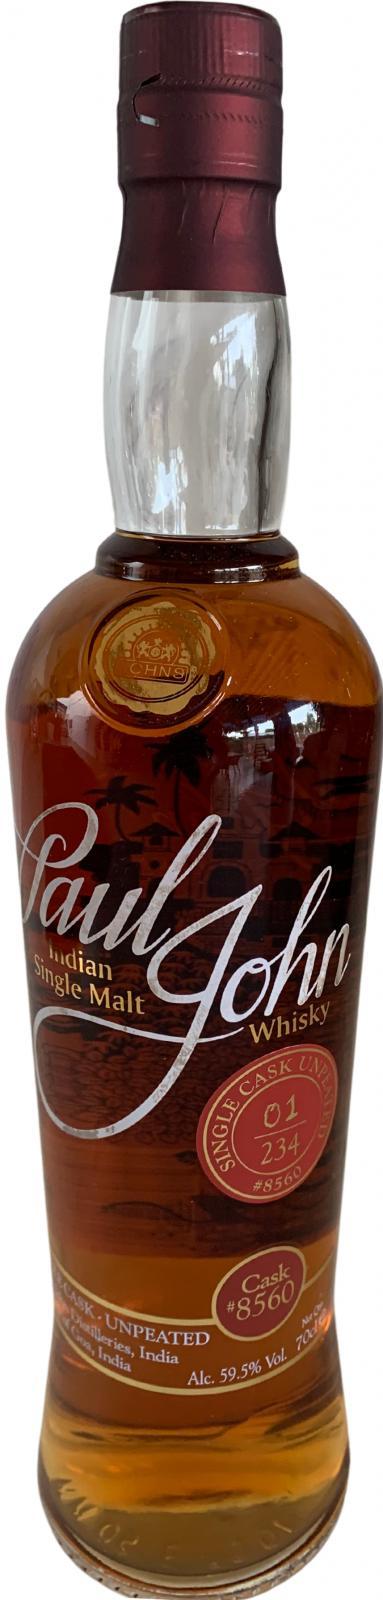 Paul John Single Cask